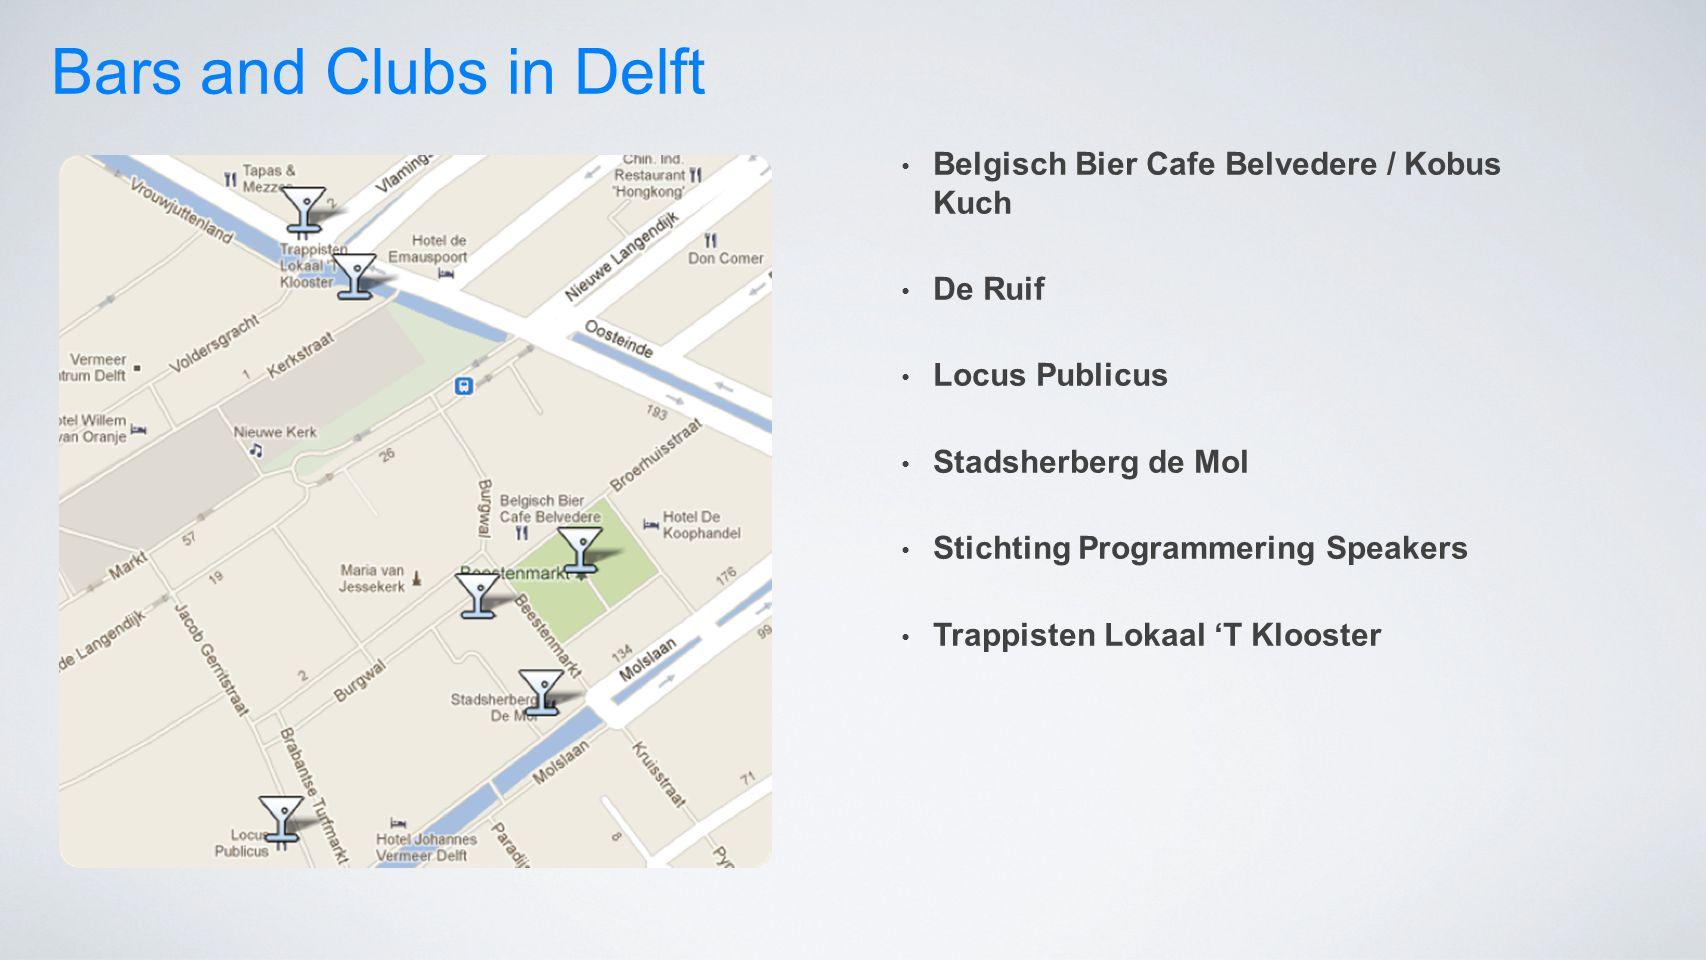 Bars and Clubs in Delft Belgisch Bier Cafe Belvedere / Kobus Kuch De Ruif Locus Publicus Stadsherberg de Mol Stichting Programmering Speakers Trappisten Lokaal 'T Klooster